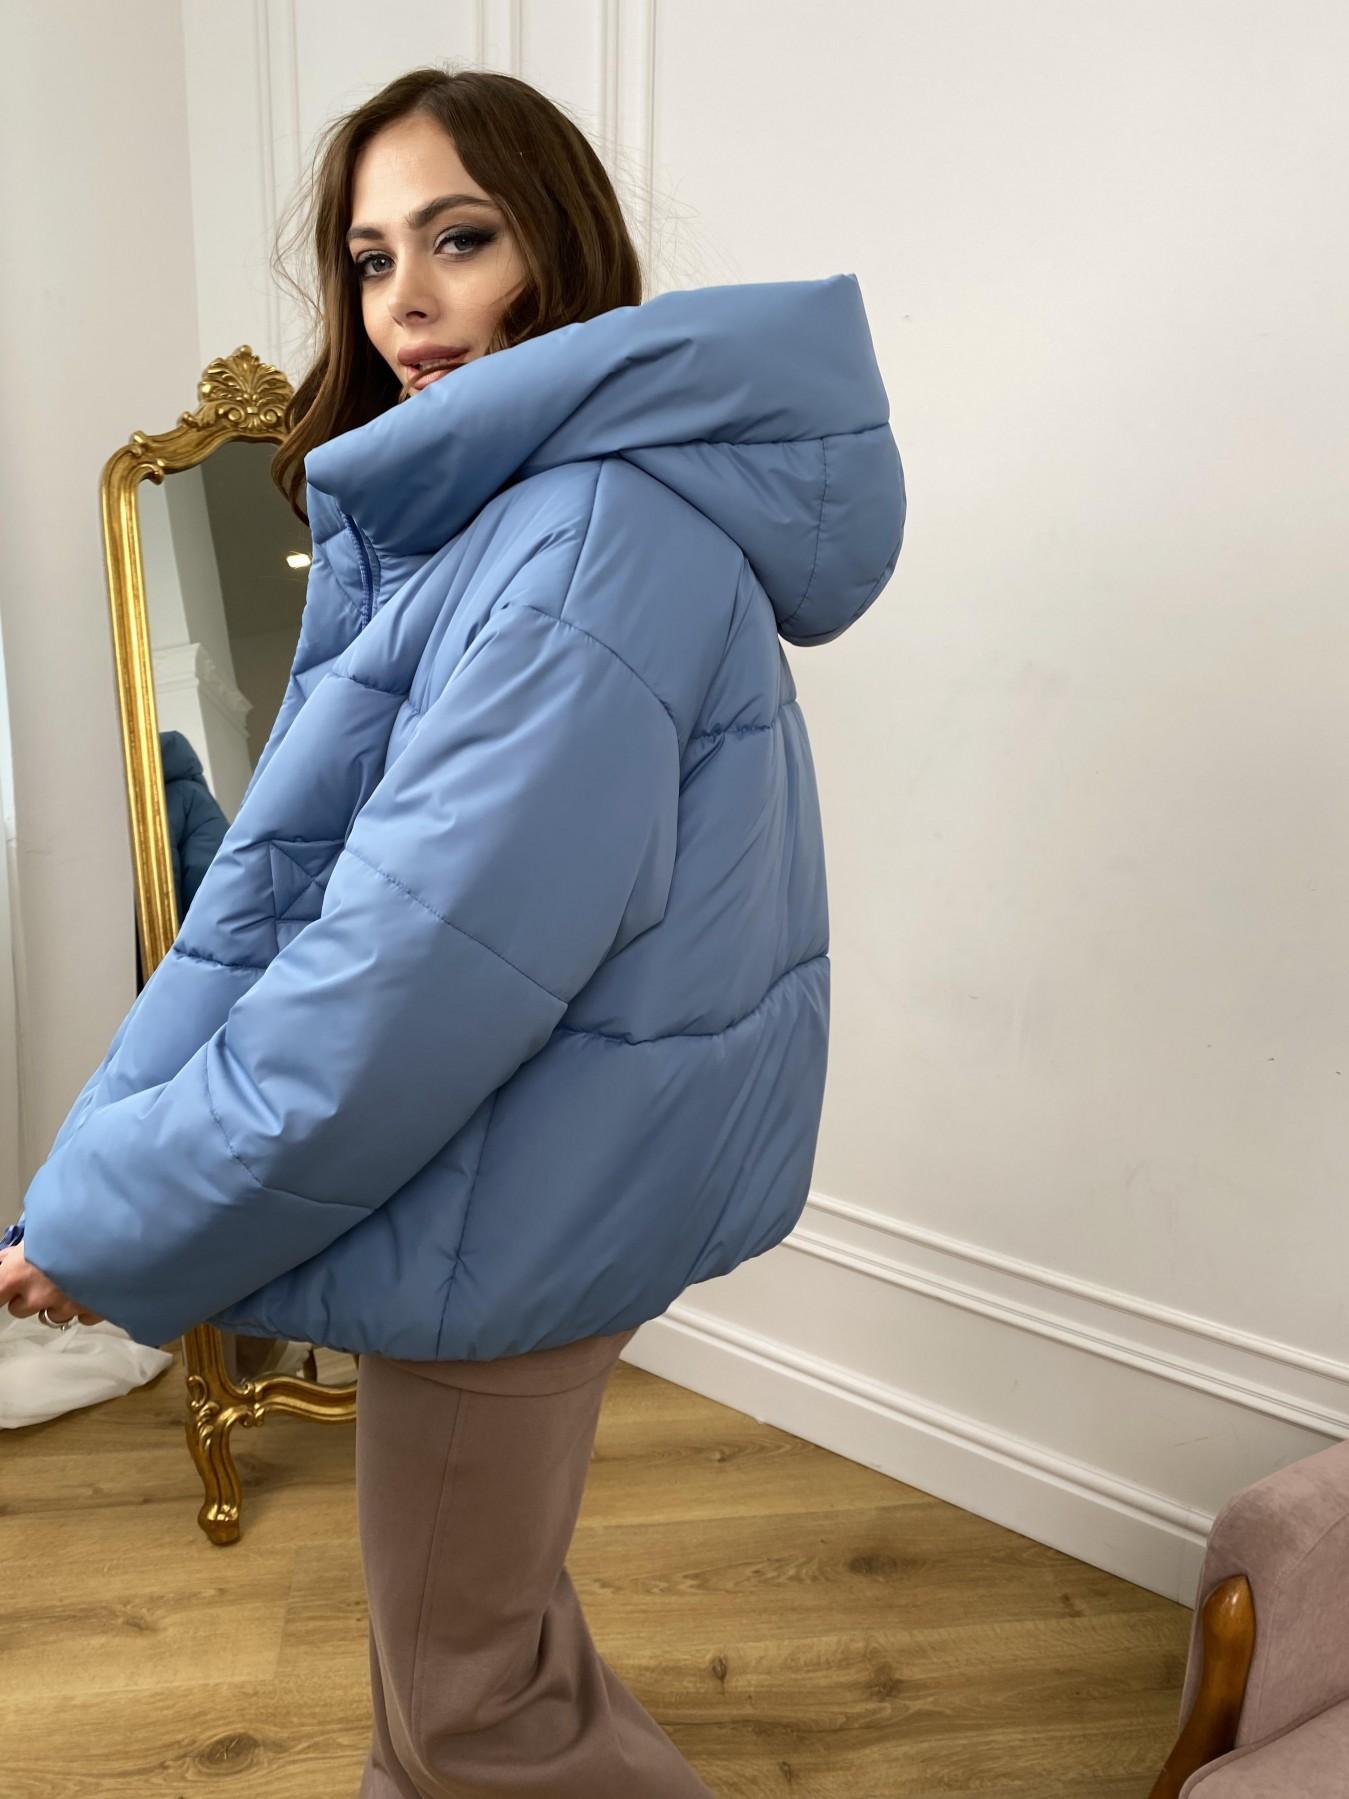 Нокс куртка из плащевой ткани 10535 АРТ. 46971 Цвет: Джинс - фото 5, интернет магазин tm-modus.ru